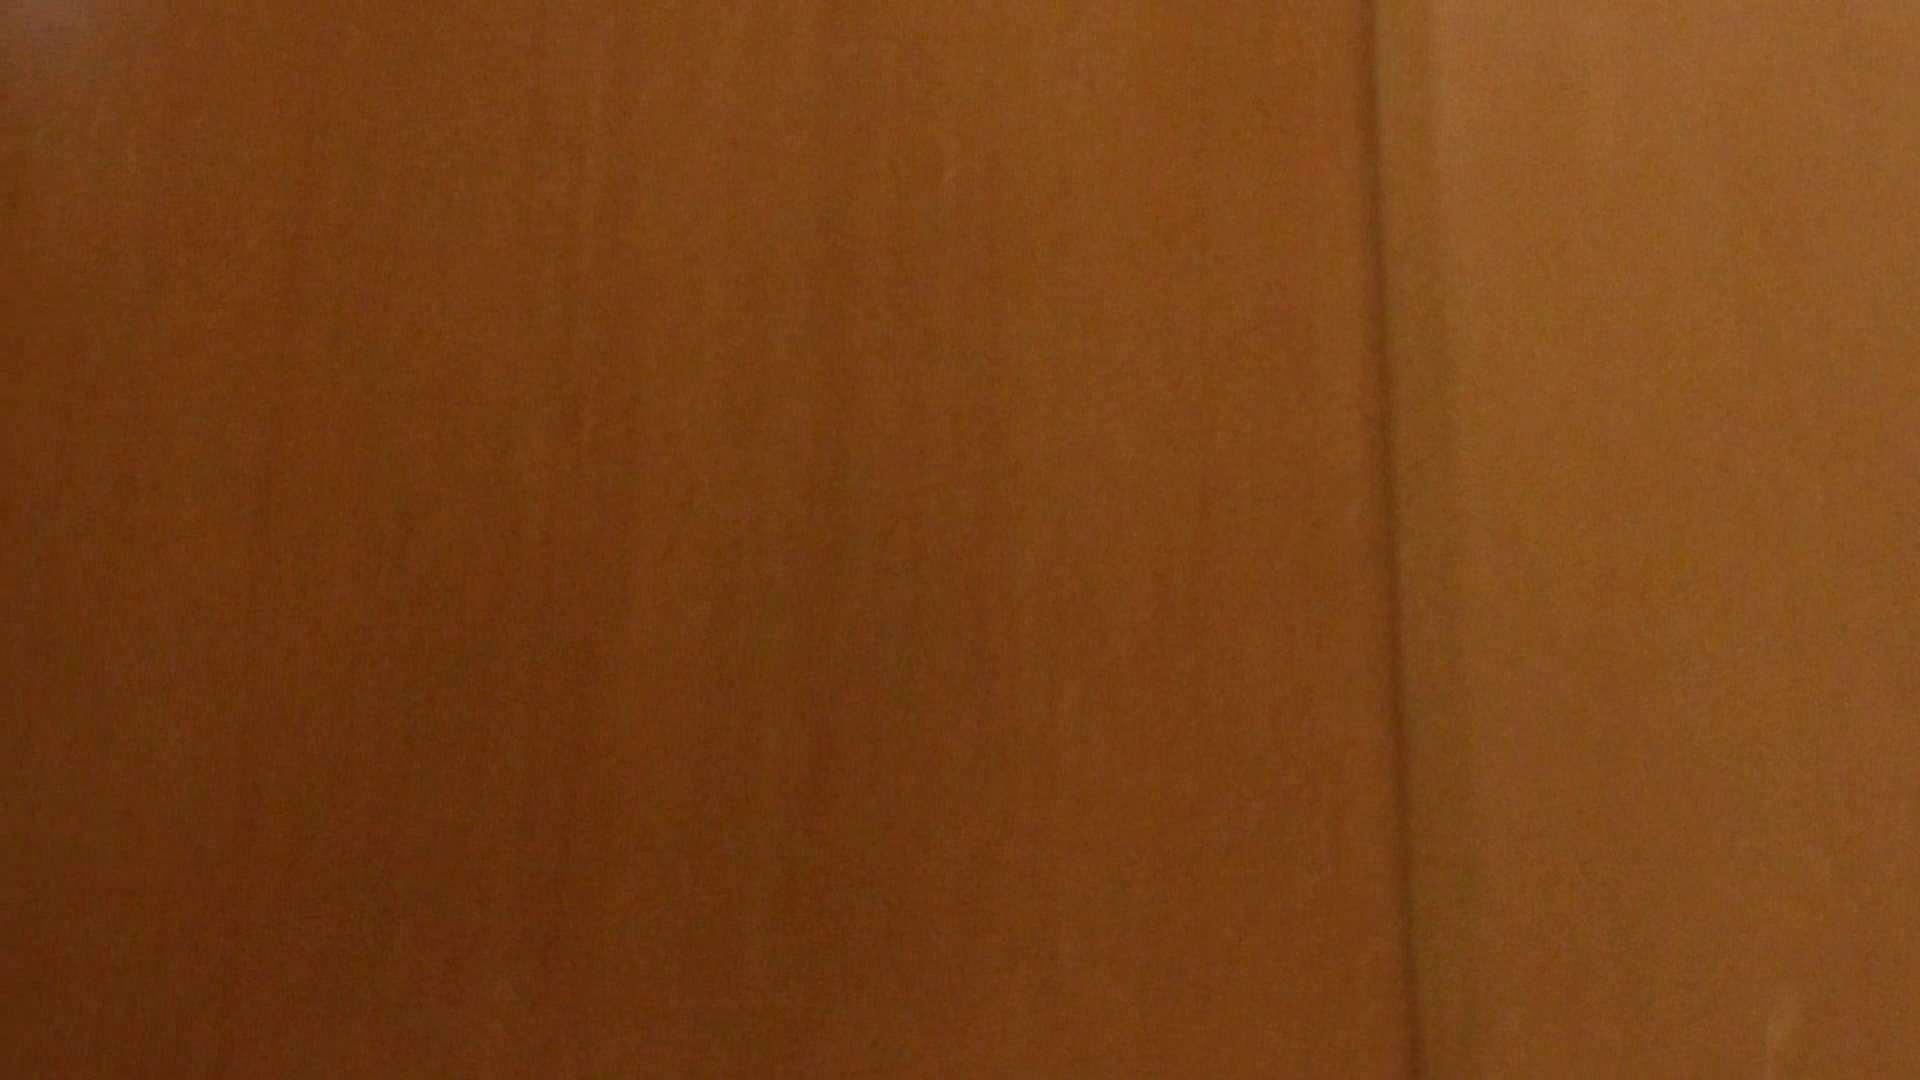 隣国化粧室下から御免!! No.02 美女  89連発 62